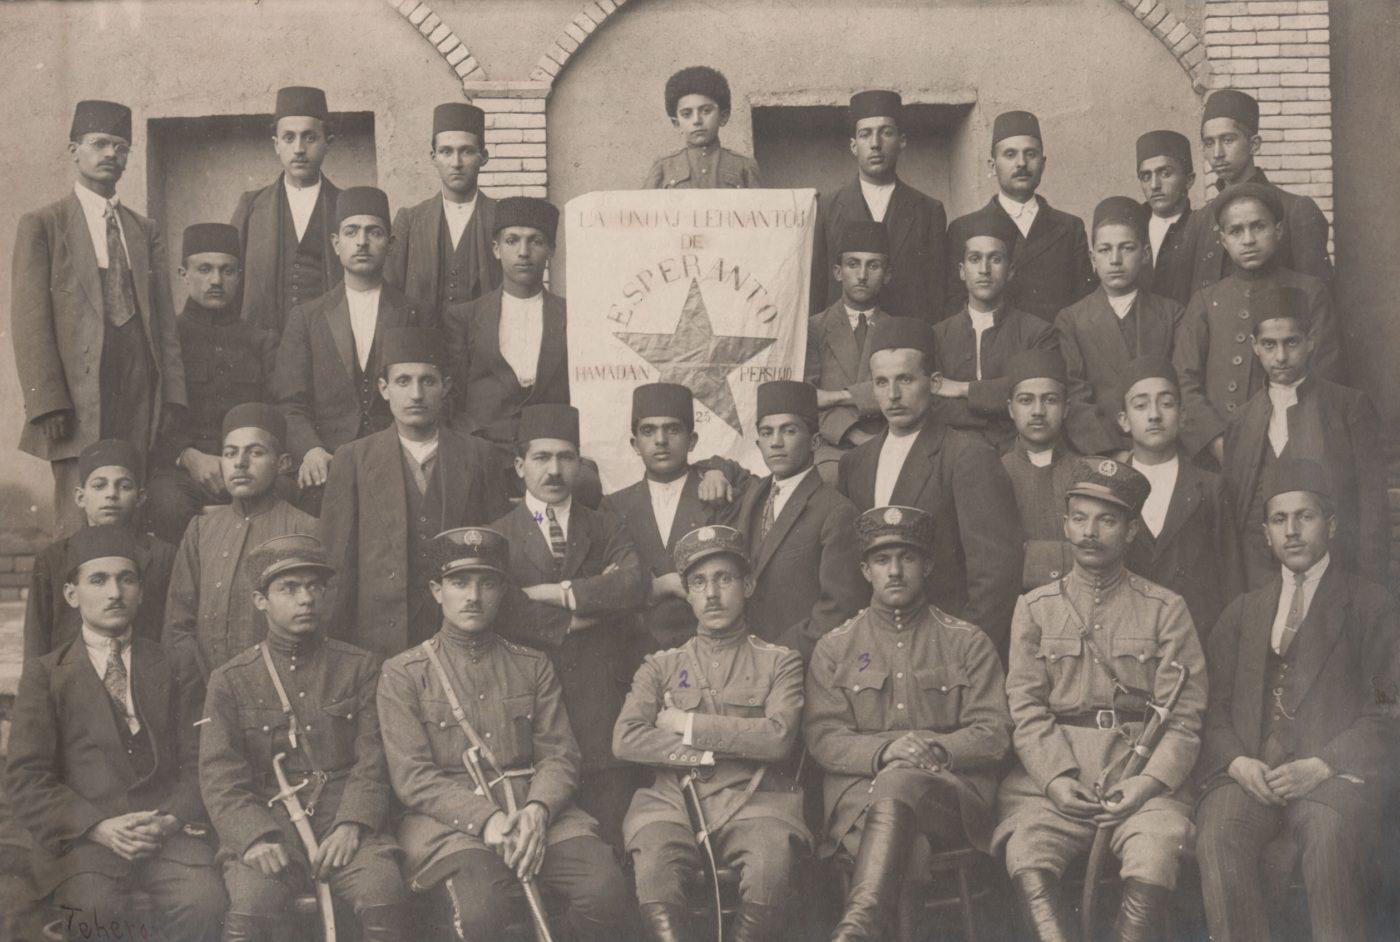 سندی تاریخی از جنبش اسپرانتو در شهر همدان